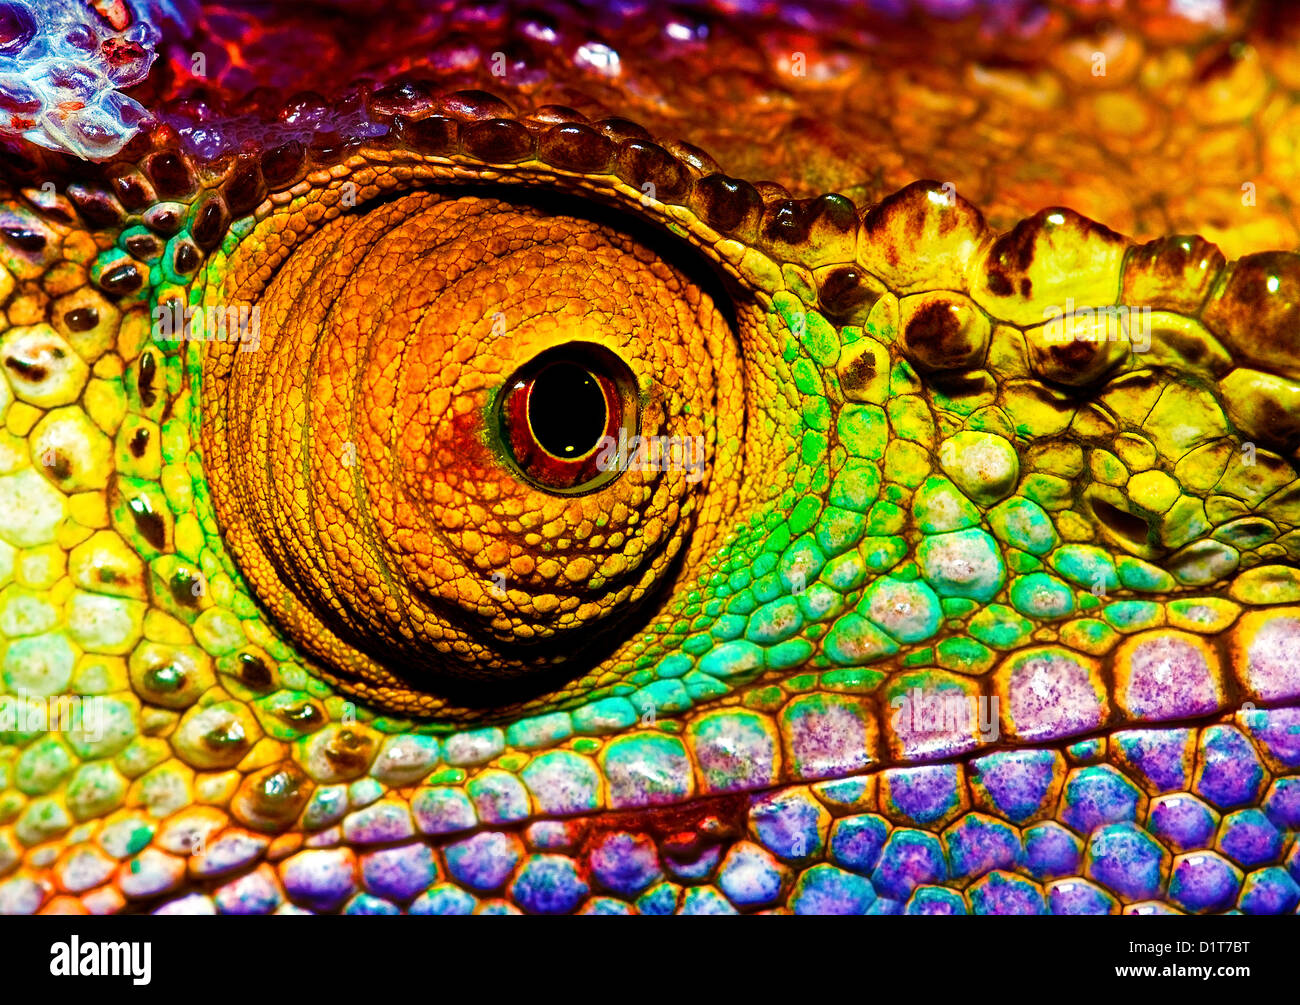 Foto von bunten Reptilien Auge, Closeup Kopfteil des Chamäleon, multicolor schuppiger Haut Eidechse, afrikanische Stockbild